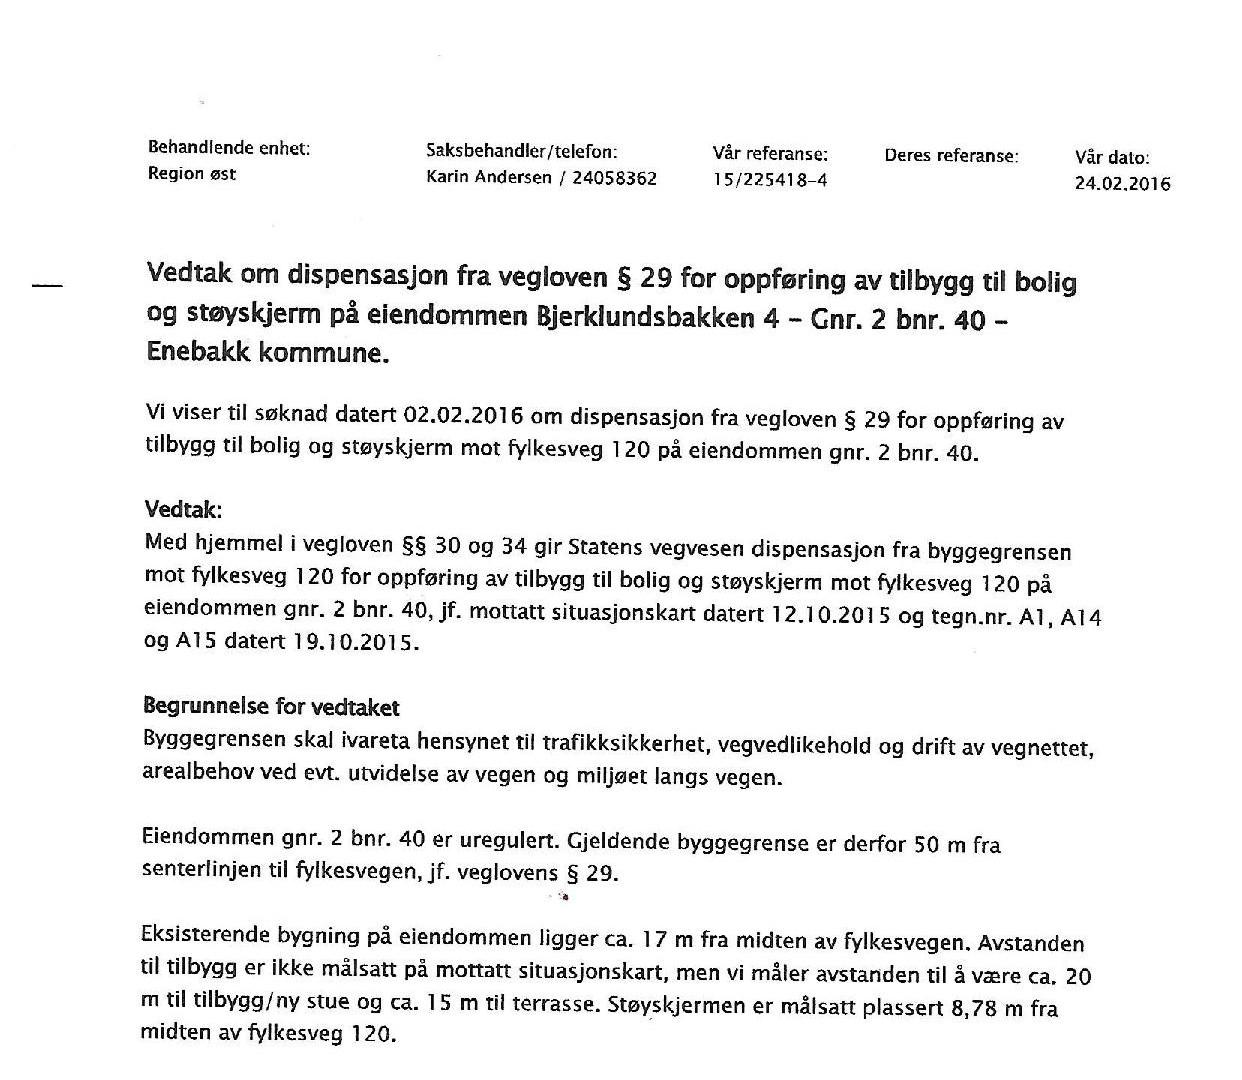 Dispensasjon Staten Vegvesen i Bjerklund